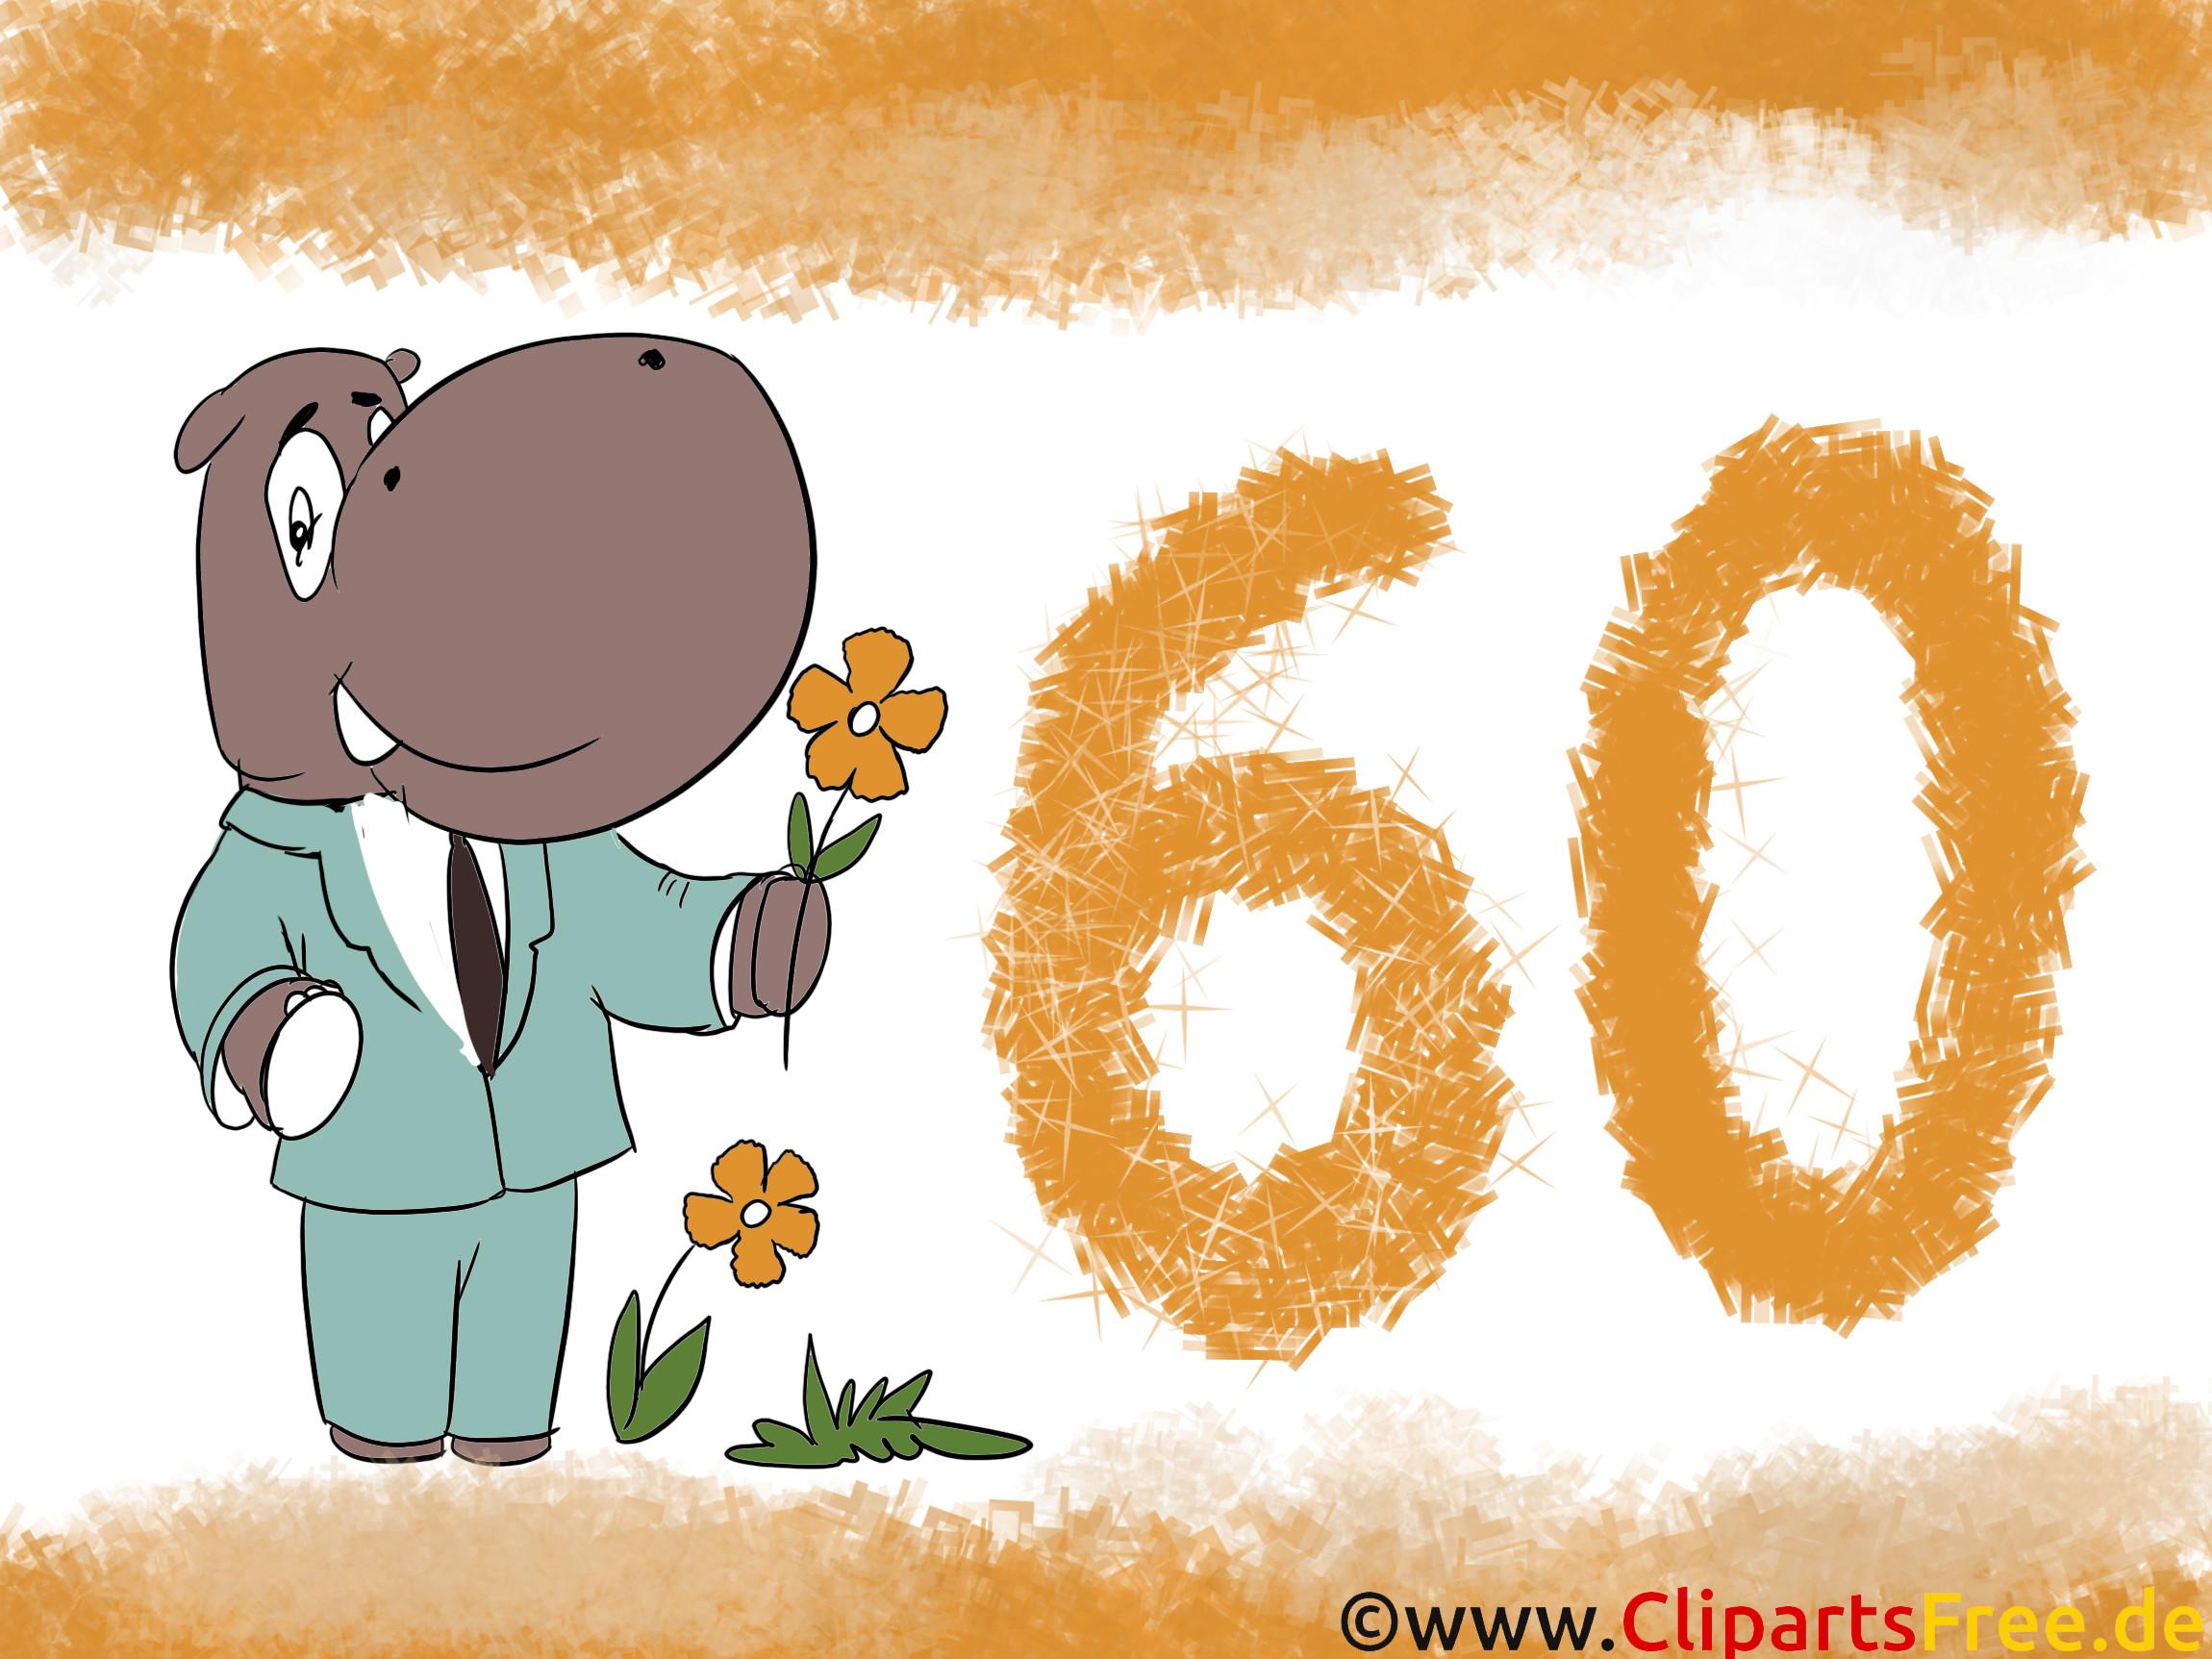 Geburtstagswünsche Zum 60  Schöne Geburtstagswünsche zum 60 Geburtstag